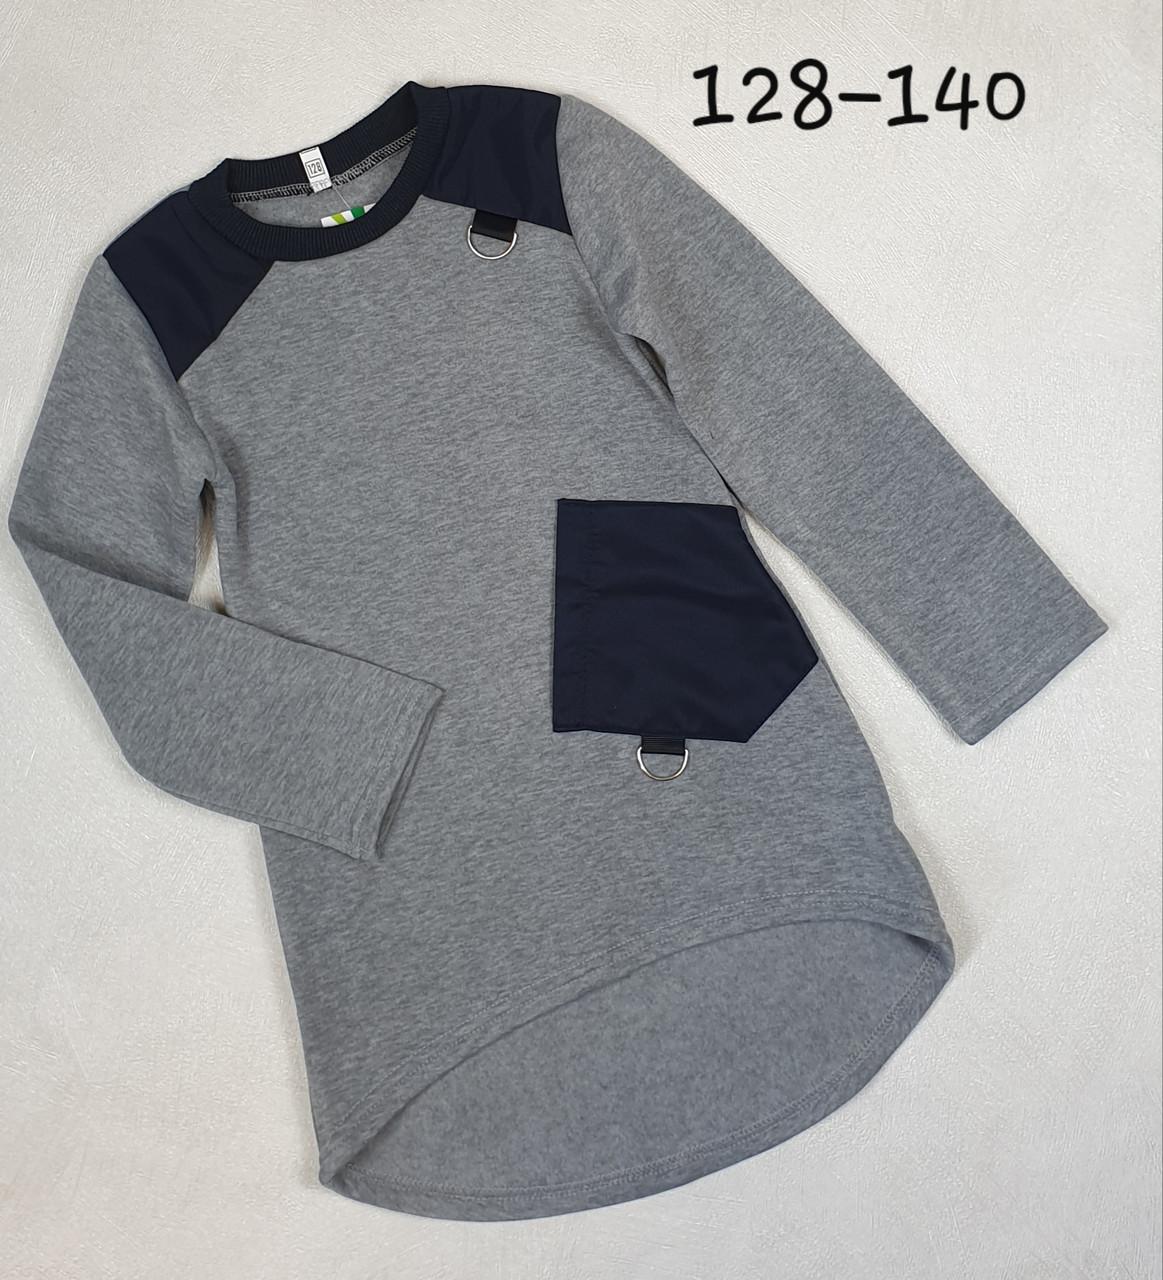 Теплая Туника детская Карманчик 128-140 серый /  оптом от производителя Украина